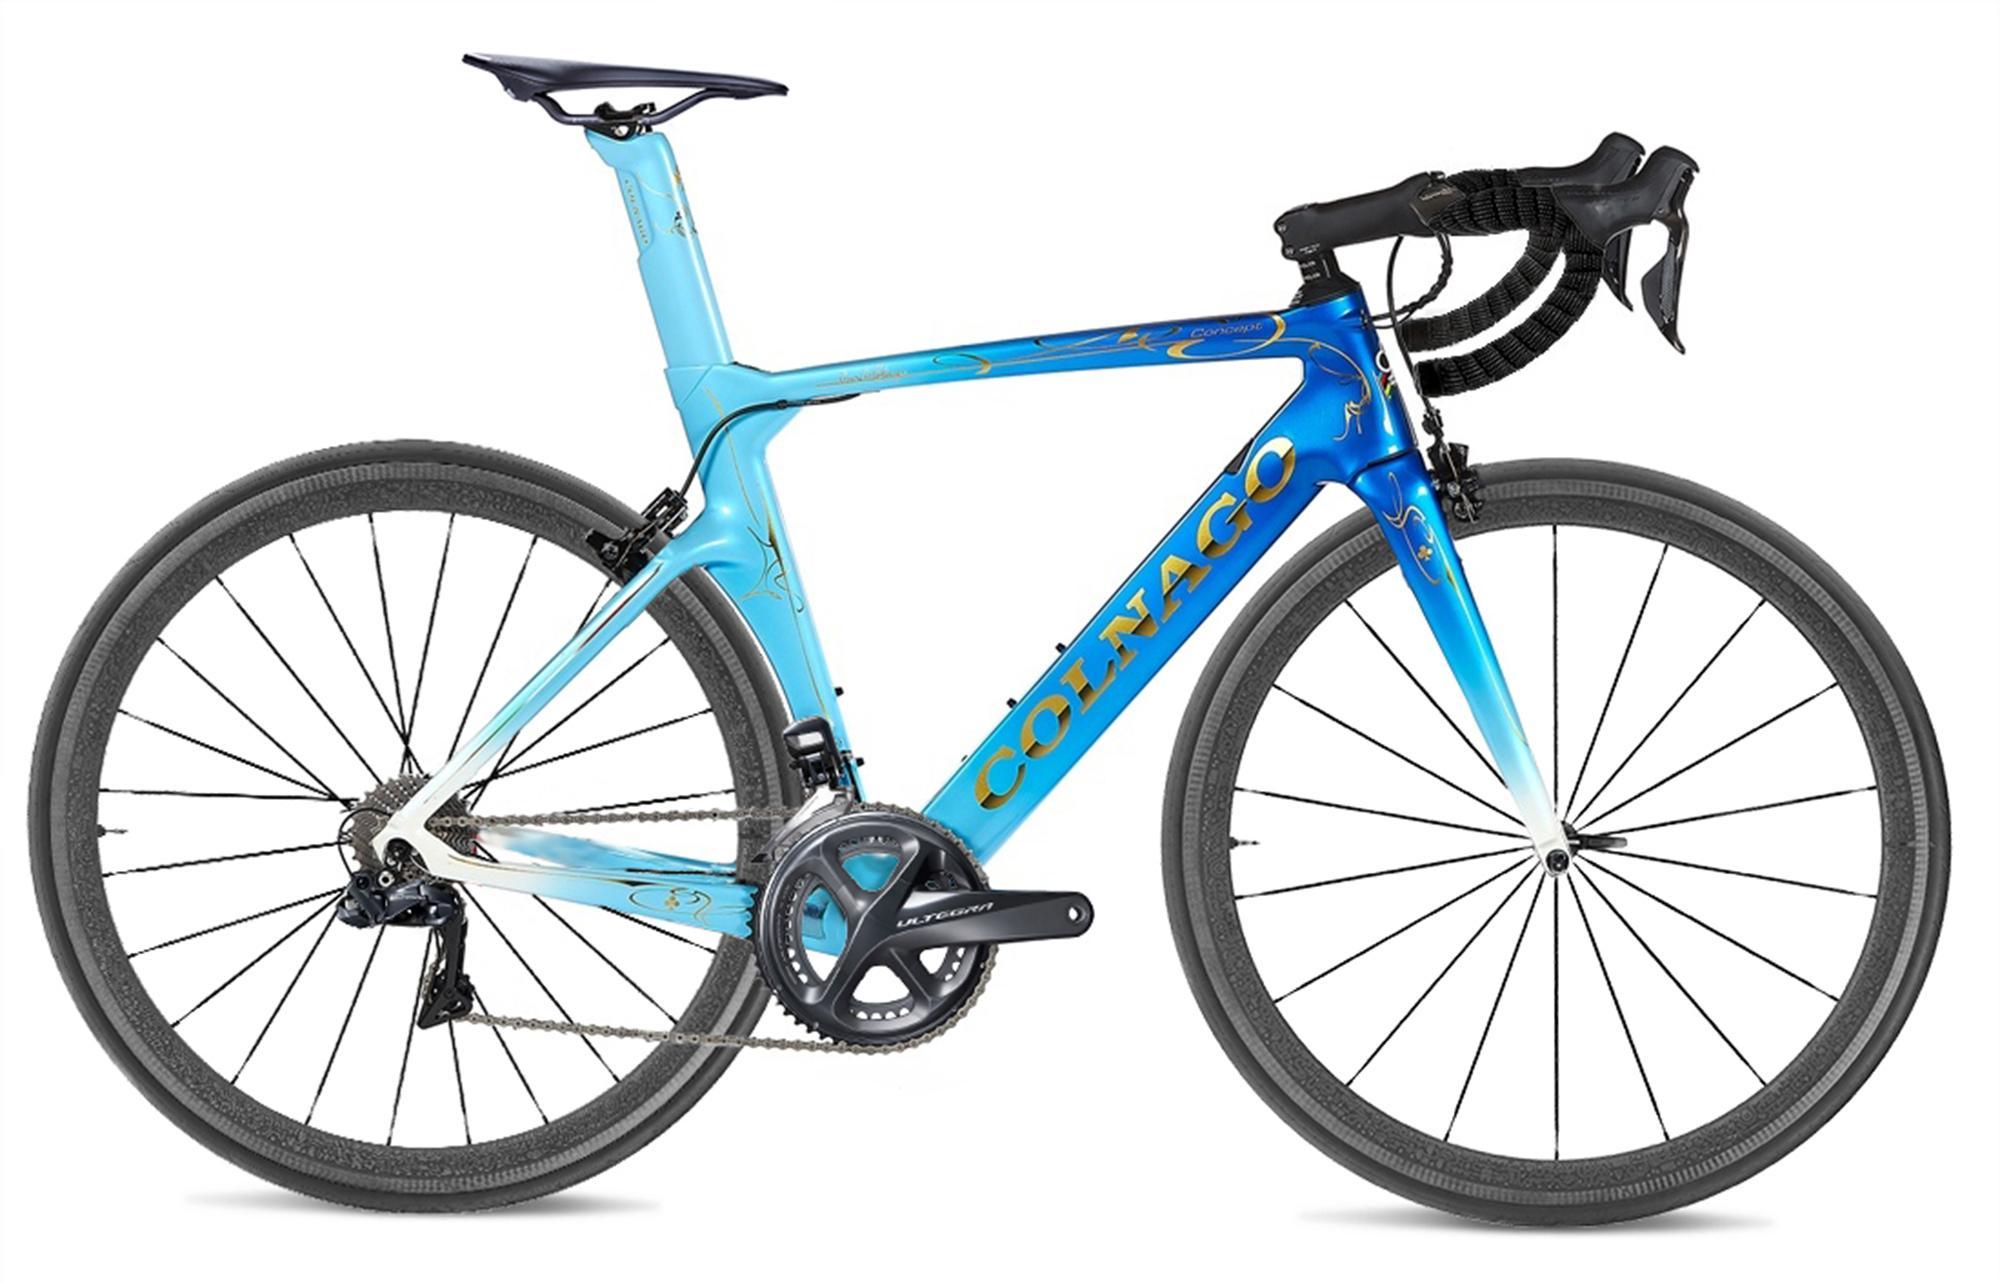 Colnago Concept CHDB Bleu Plein Carbon Road Complete Vélo Bicyclette avec Ultegra R8010 GROUPSET À VENDRE